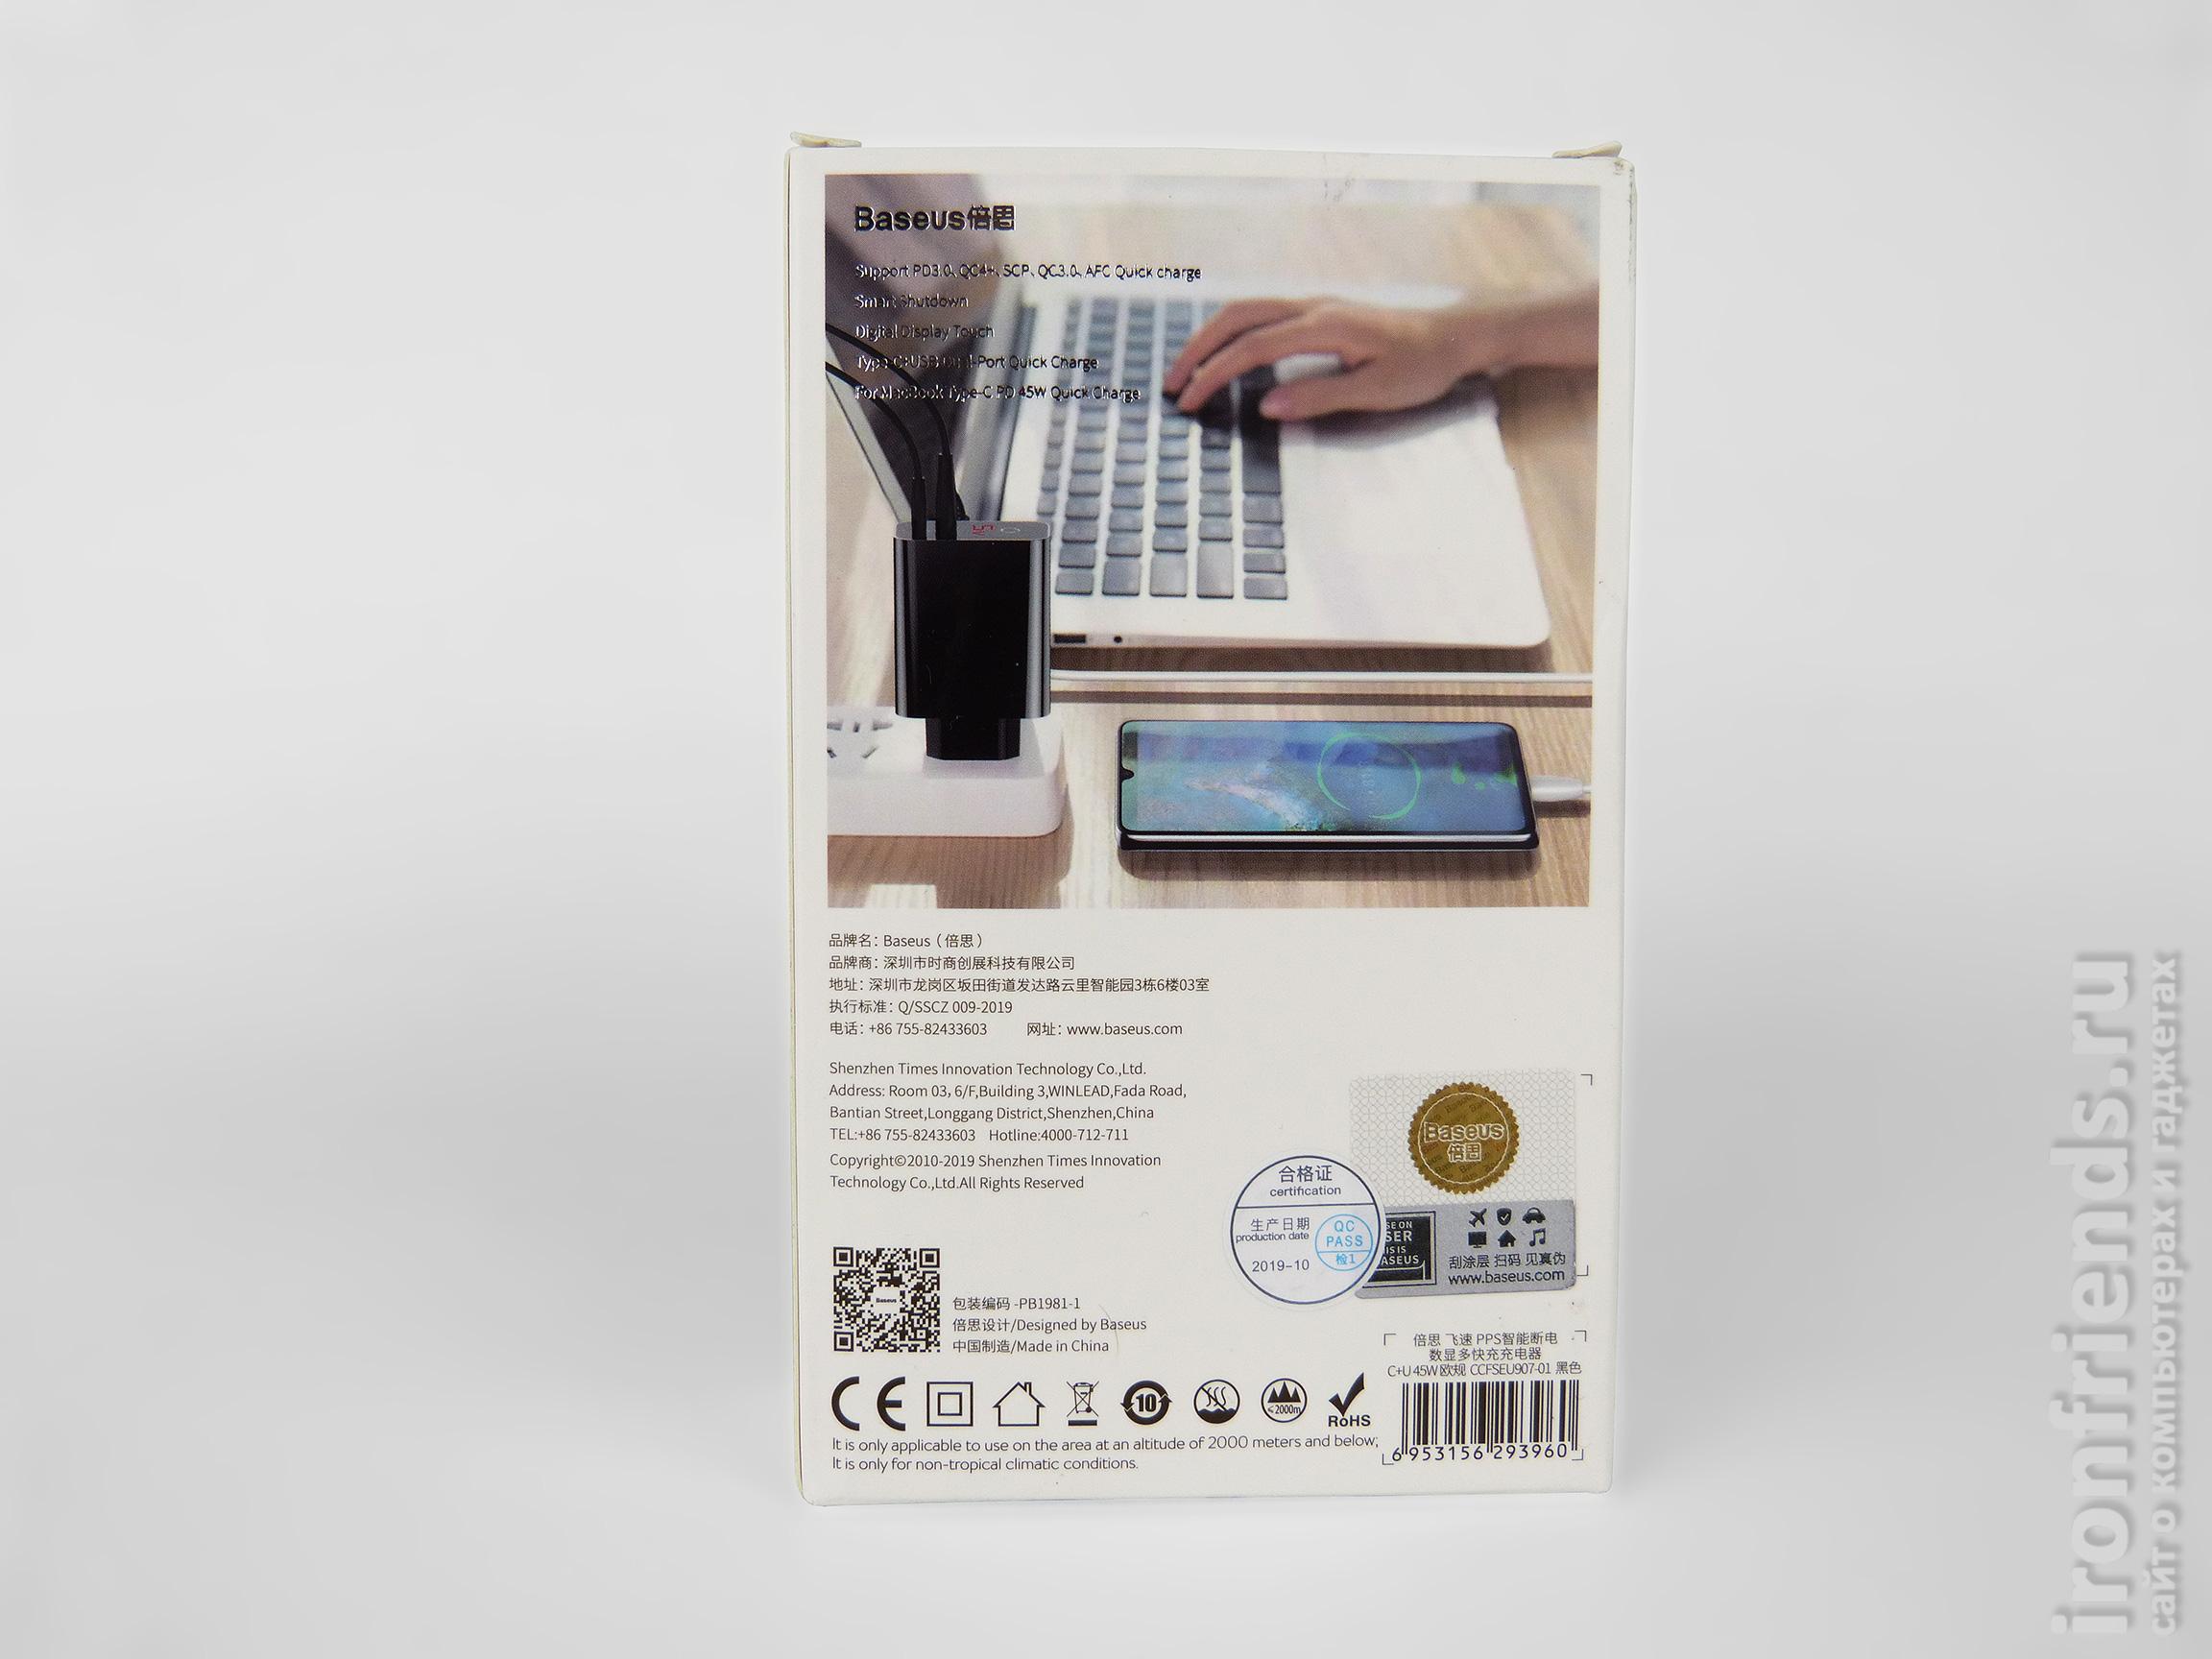 Упаковка Baseus Speed PPS 45W